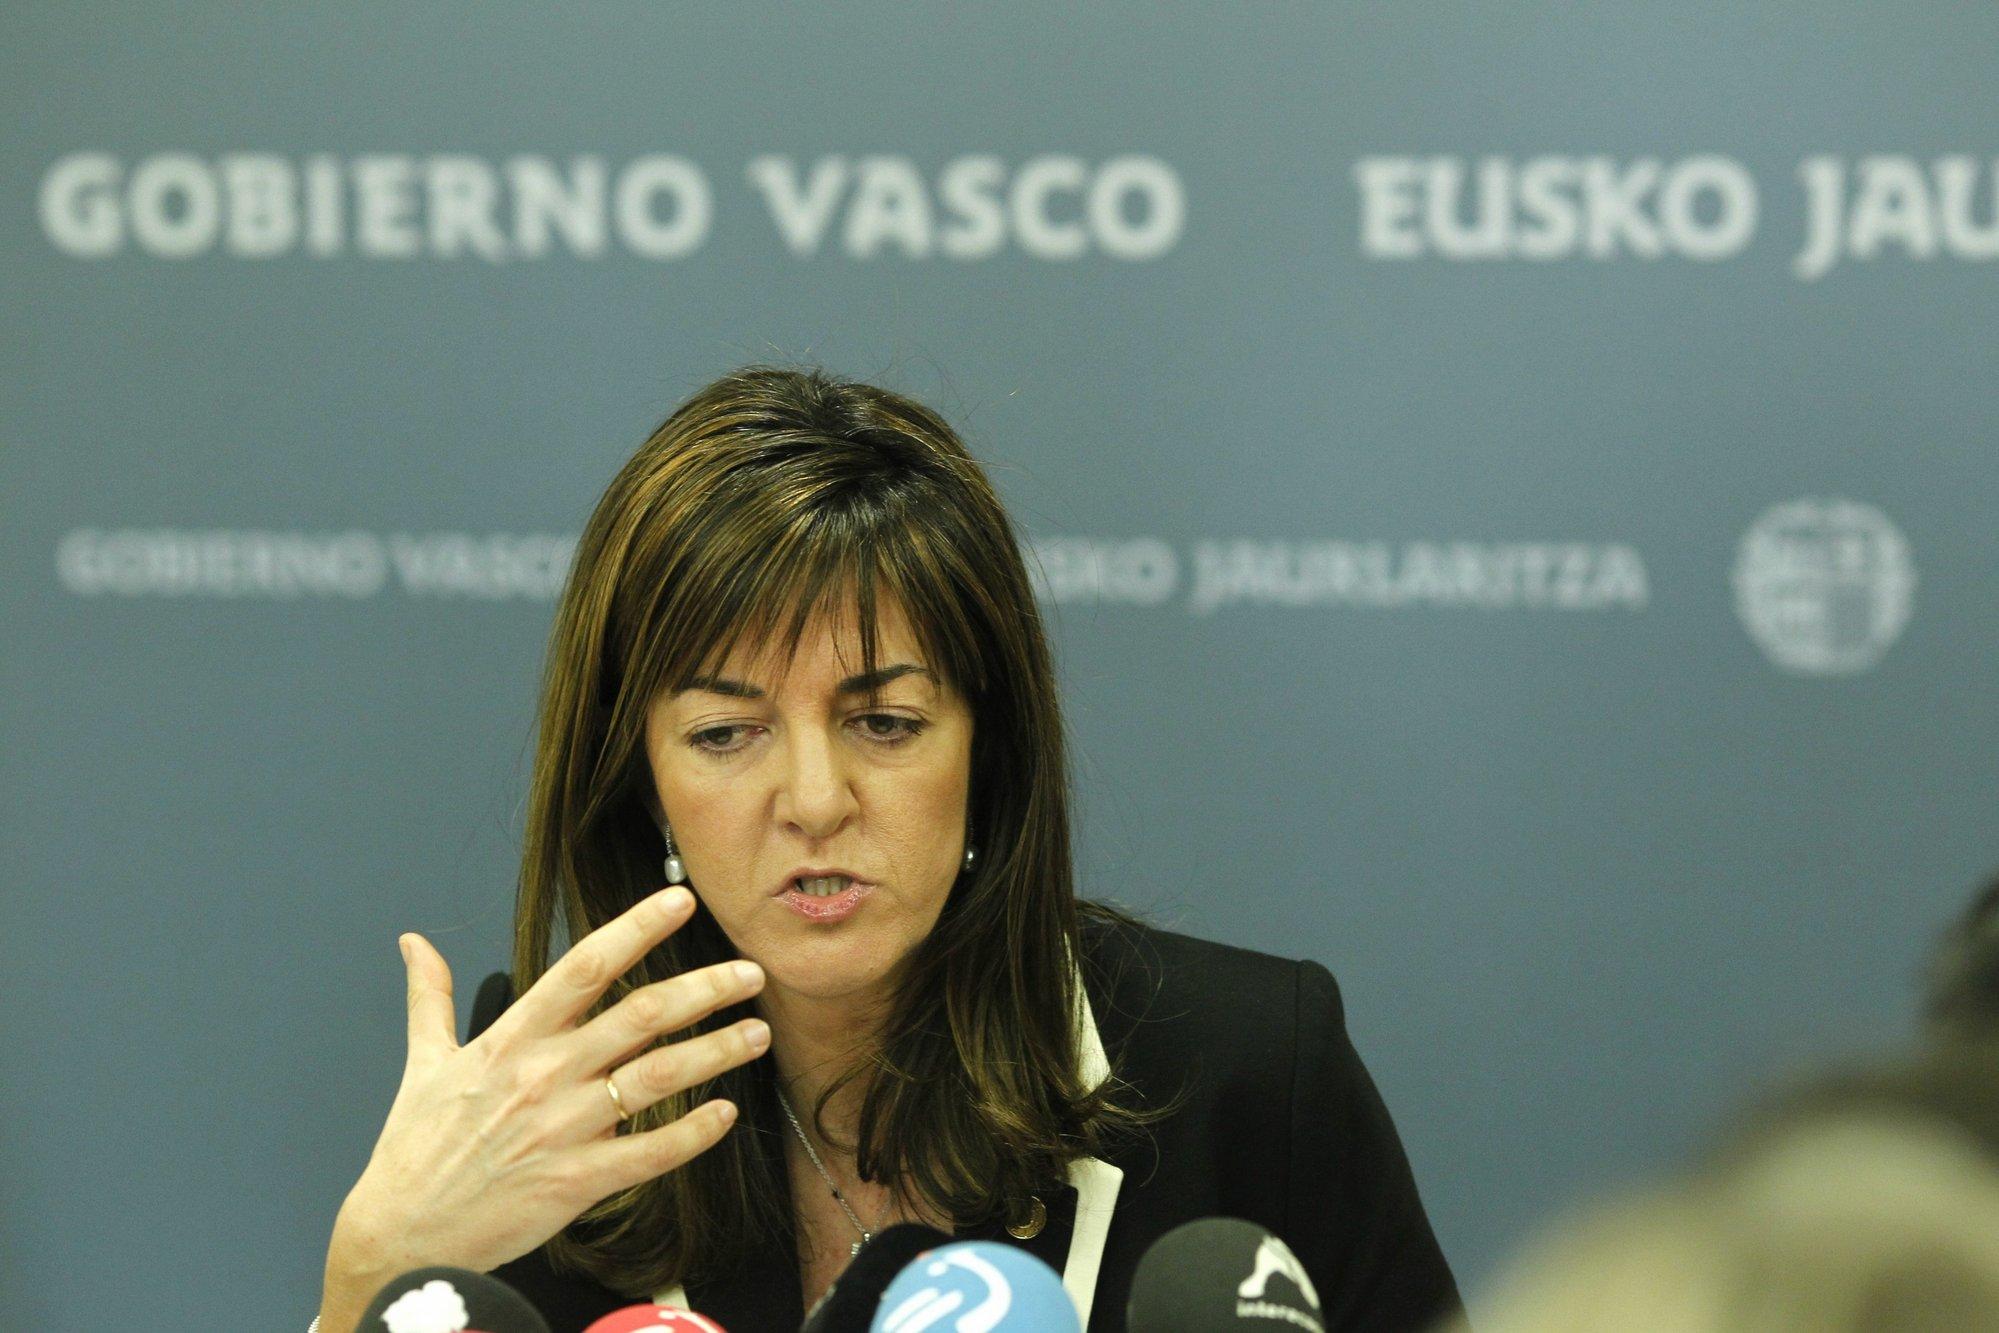 El Gobierno vasco decidirá sobre la paga extra de Navidad en el Consejo de Gobierno de este martes